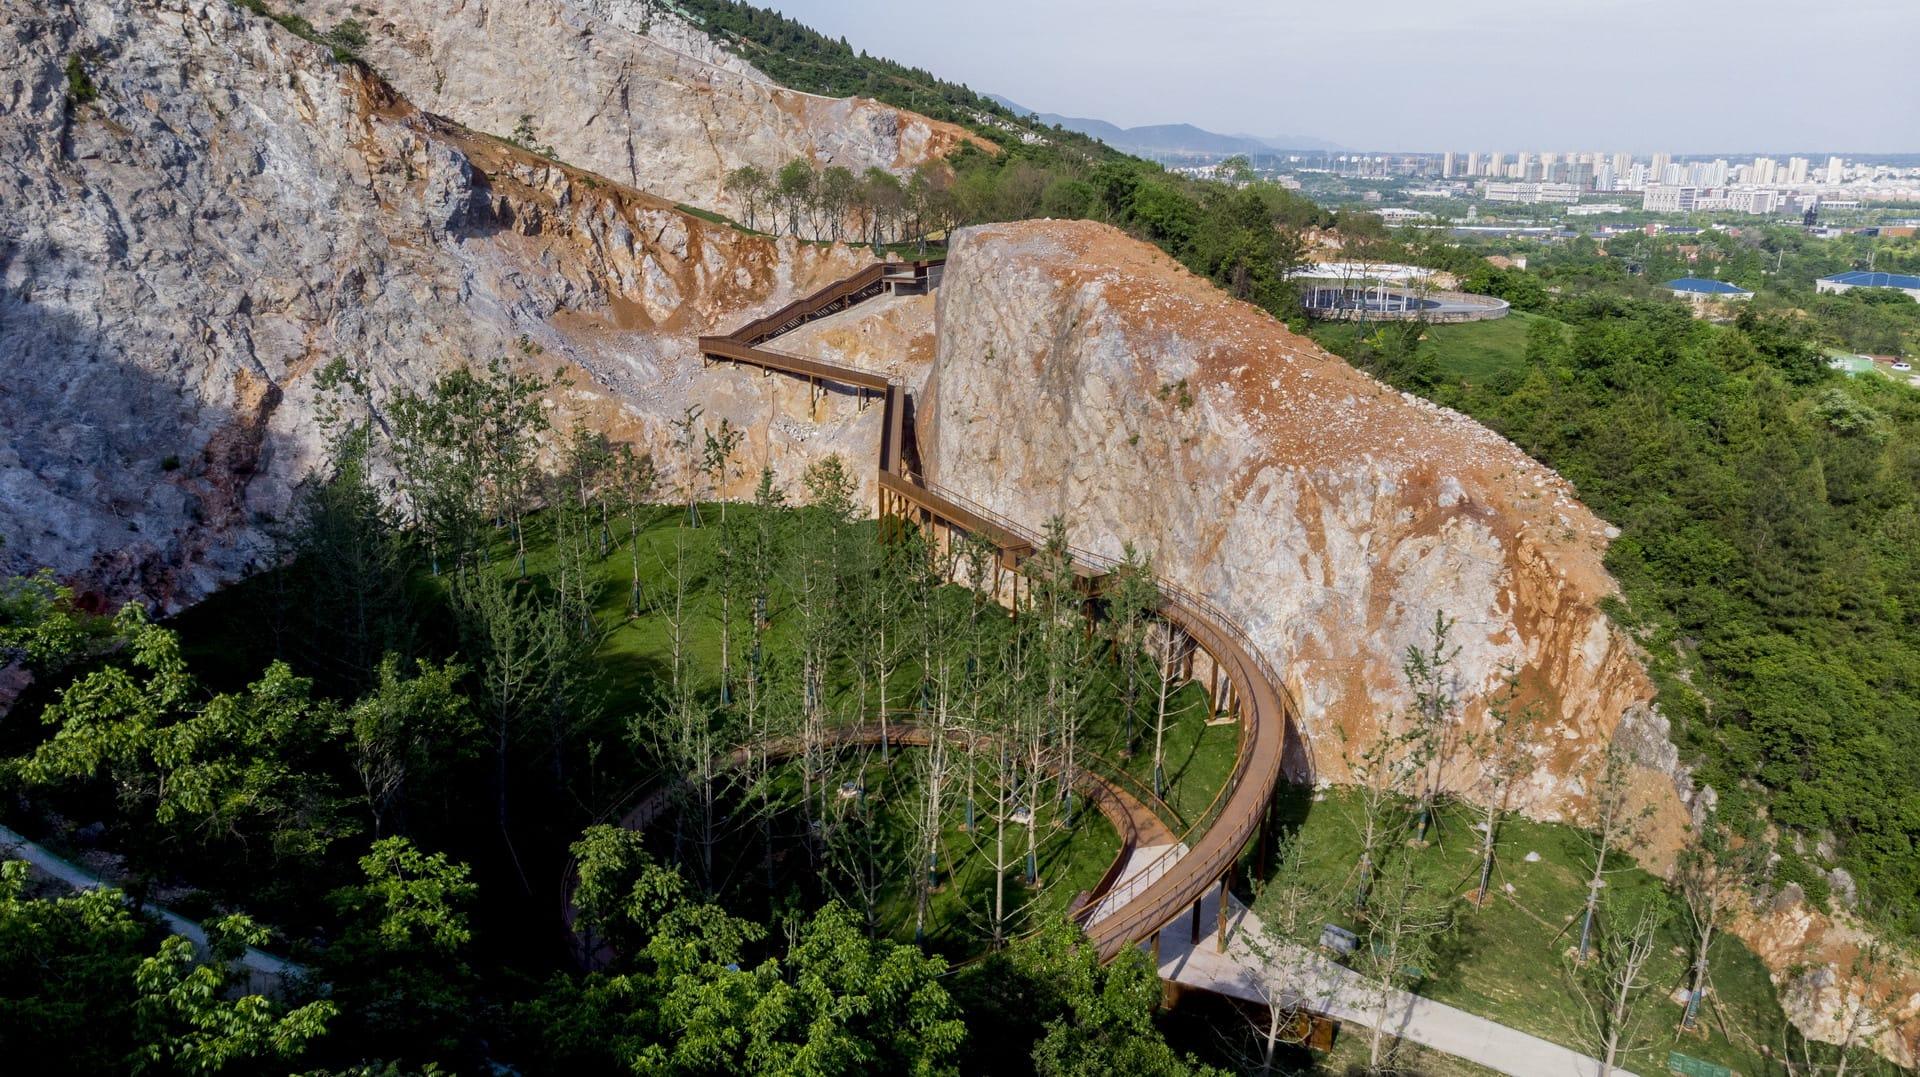 煤气站_南京-汤山矿坑公园 / 张唐景观 – mooool木藕设计网